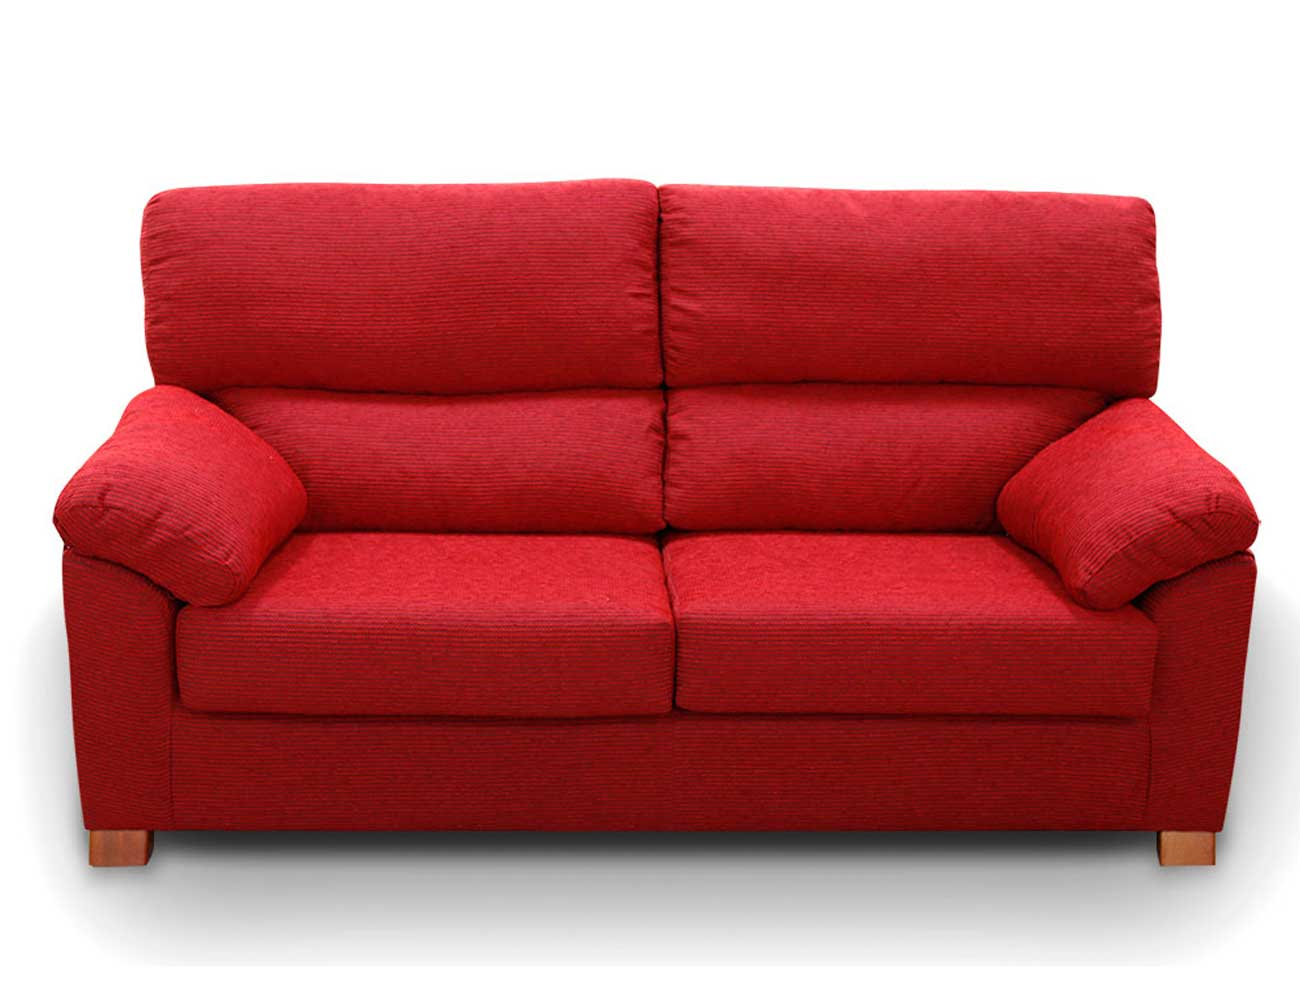 Sofa barato 3 plazas rojo9